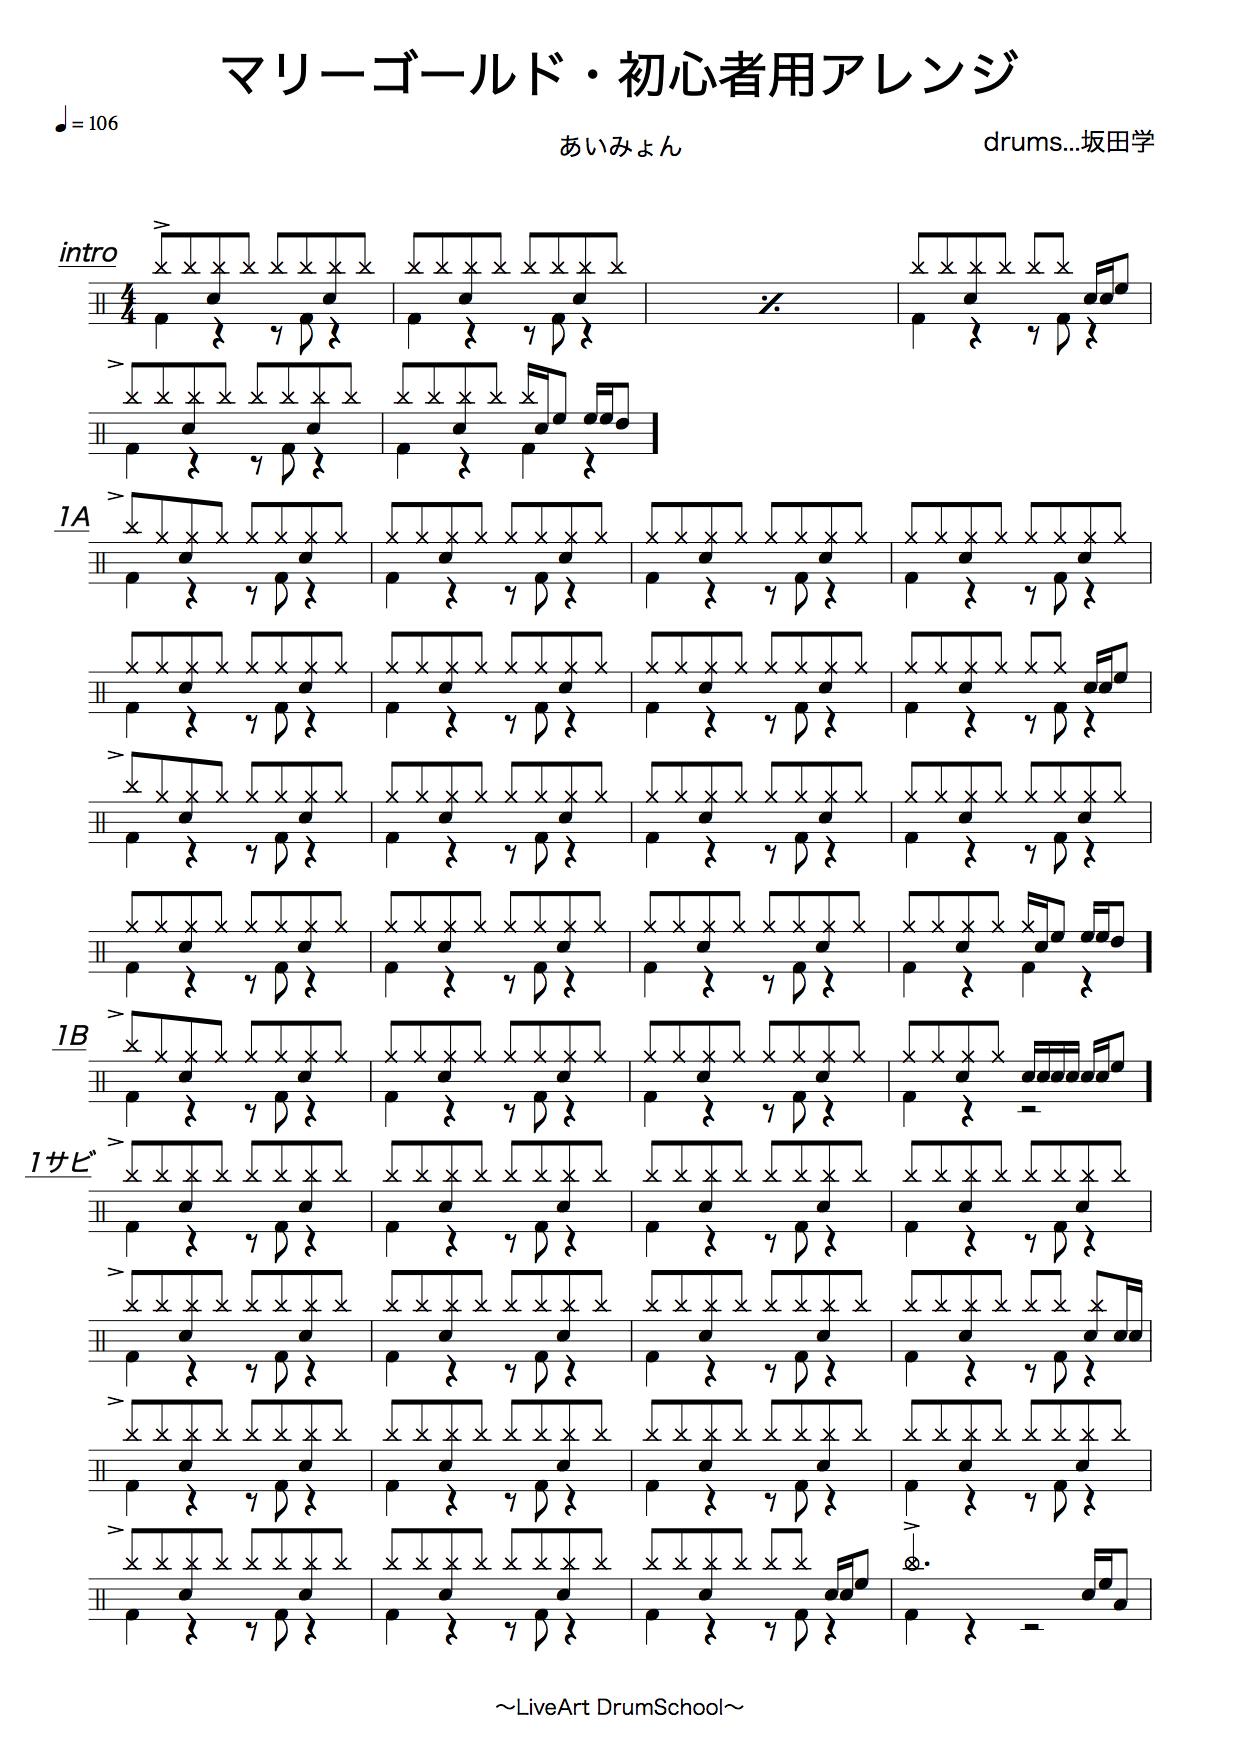 マリーゴールド・初心者用ドラム楽譜1